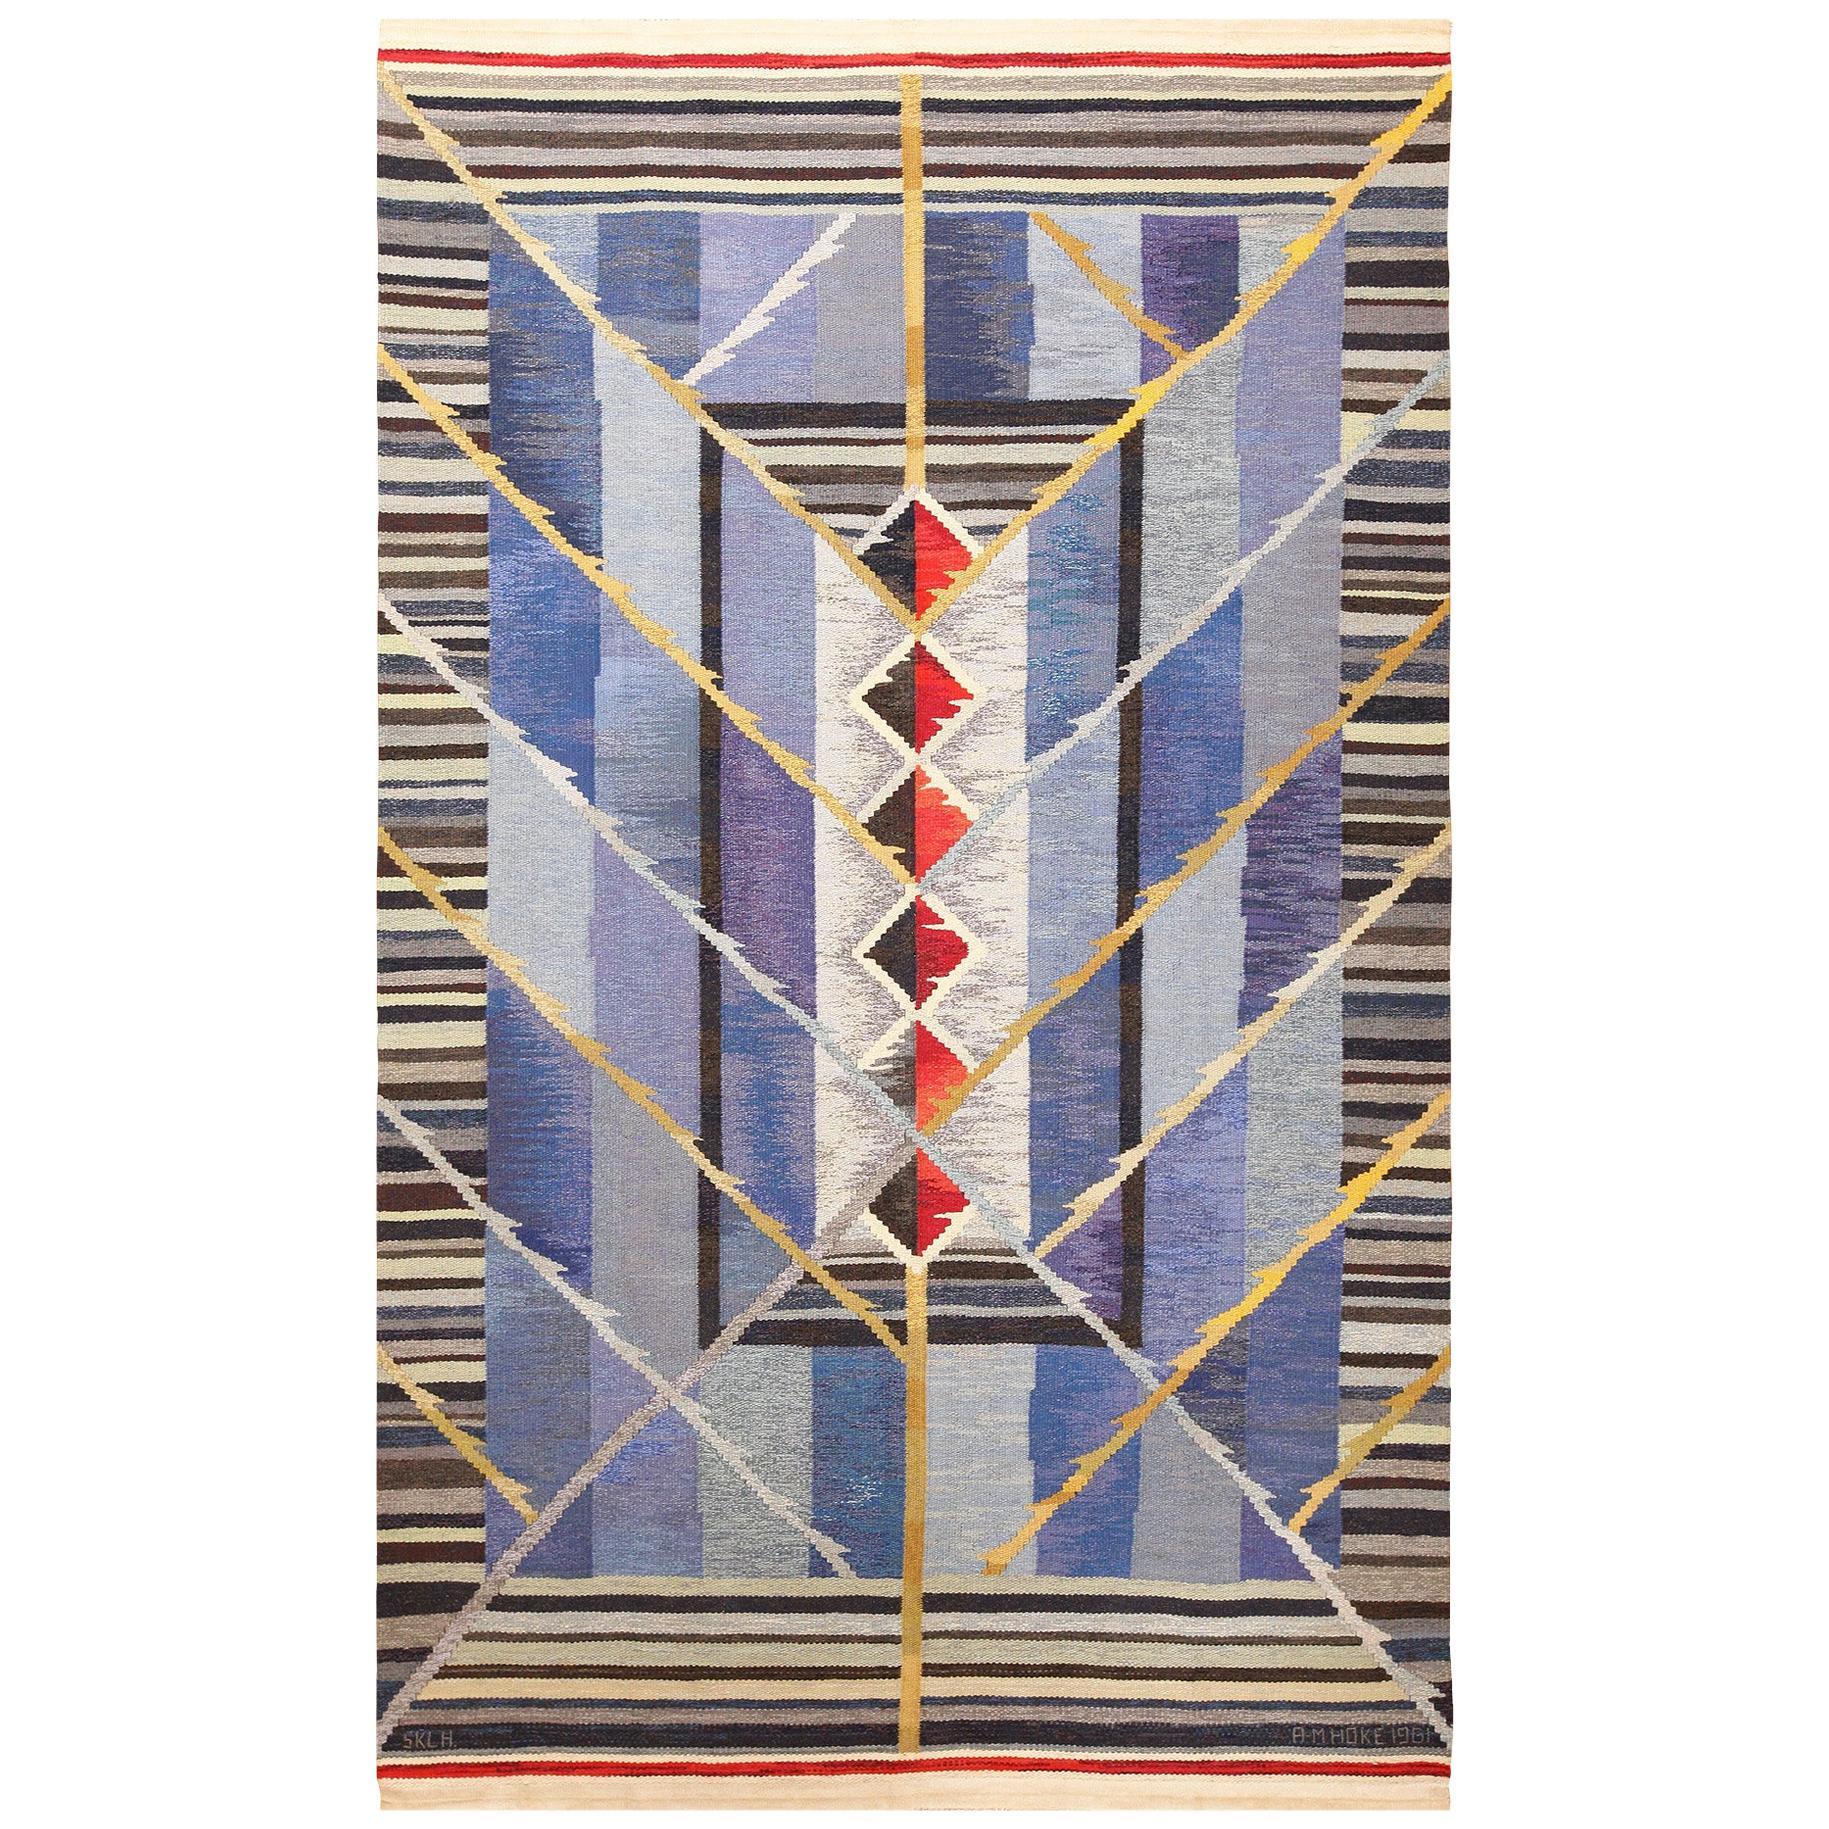 Vintage Scandinavian Kilim Rug by Ann Marie Hoke. Size: 6 ft 5 in x 10 ft 2 in